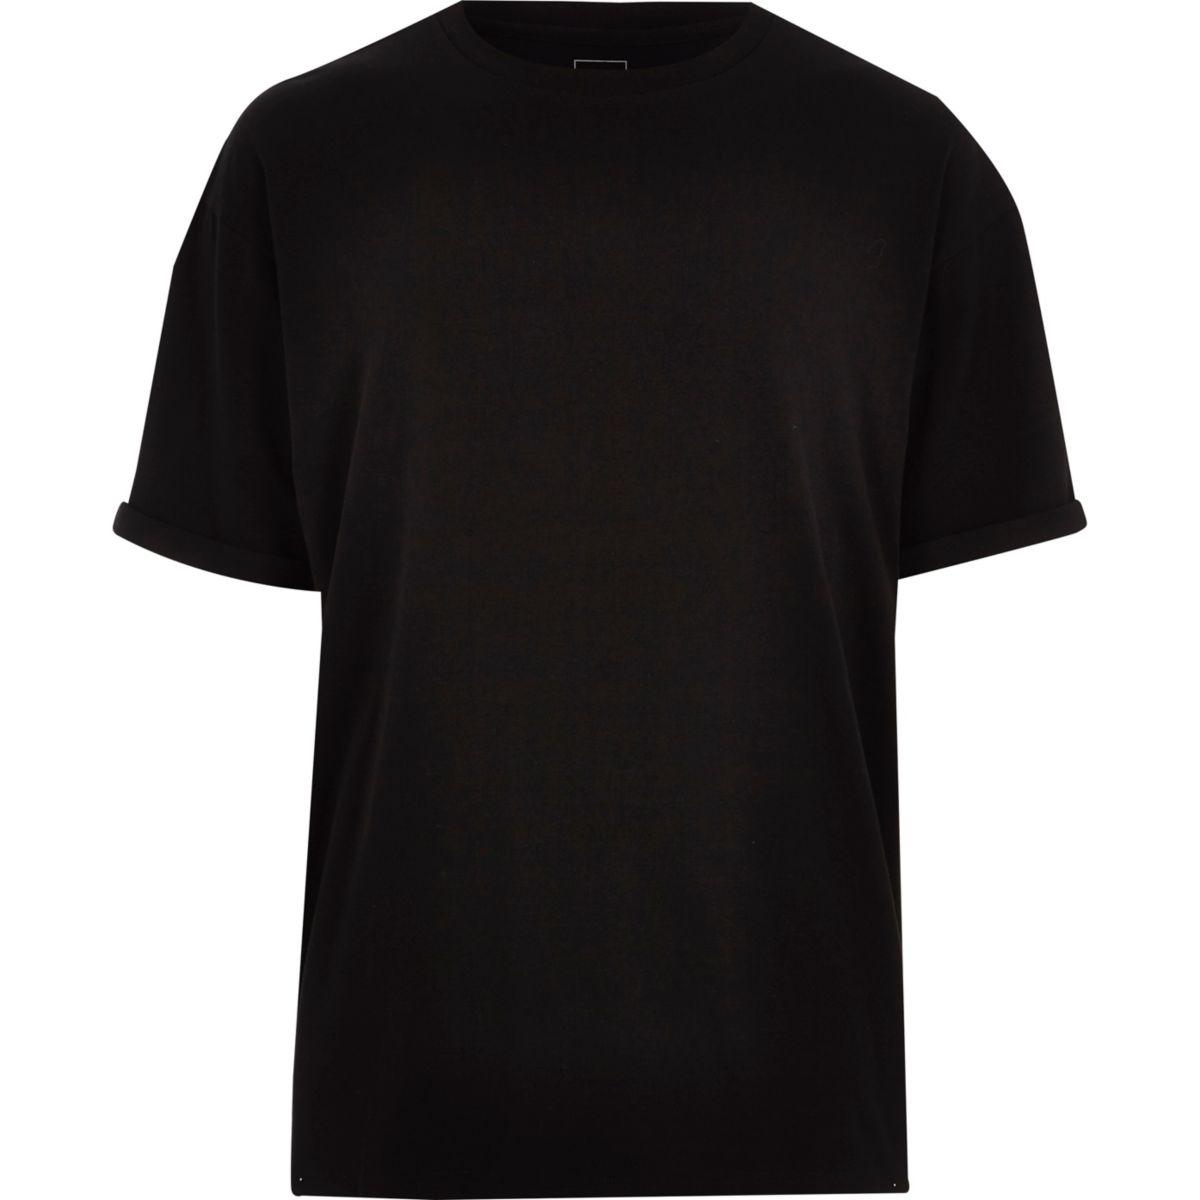 Schwarzes Oversized T-Shirt mit Rundhalsausschnitt